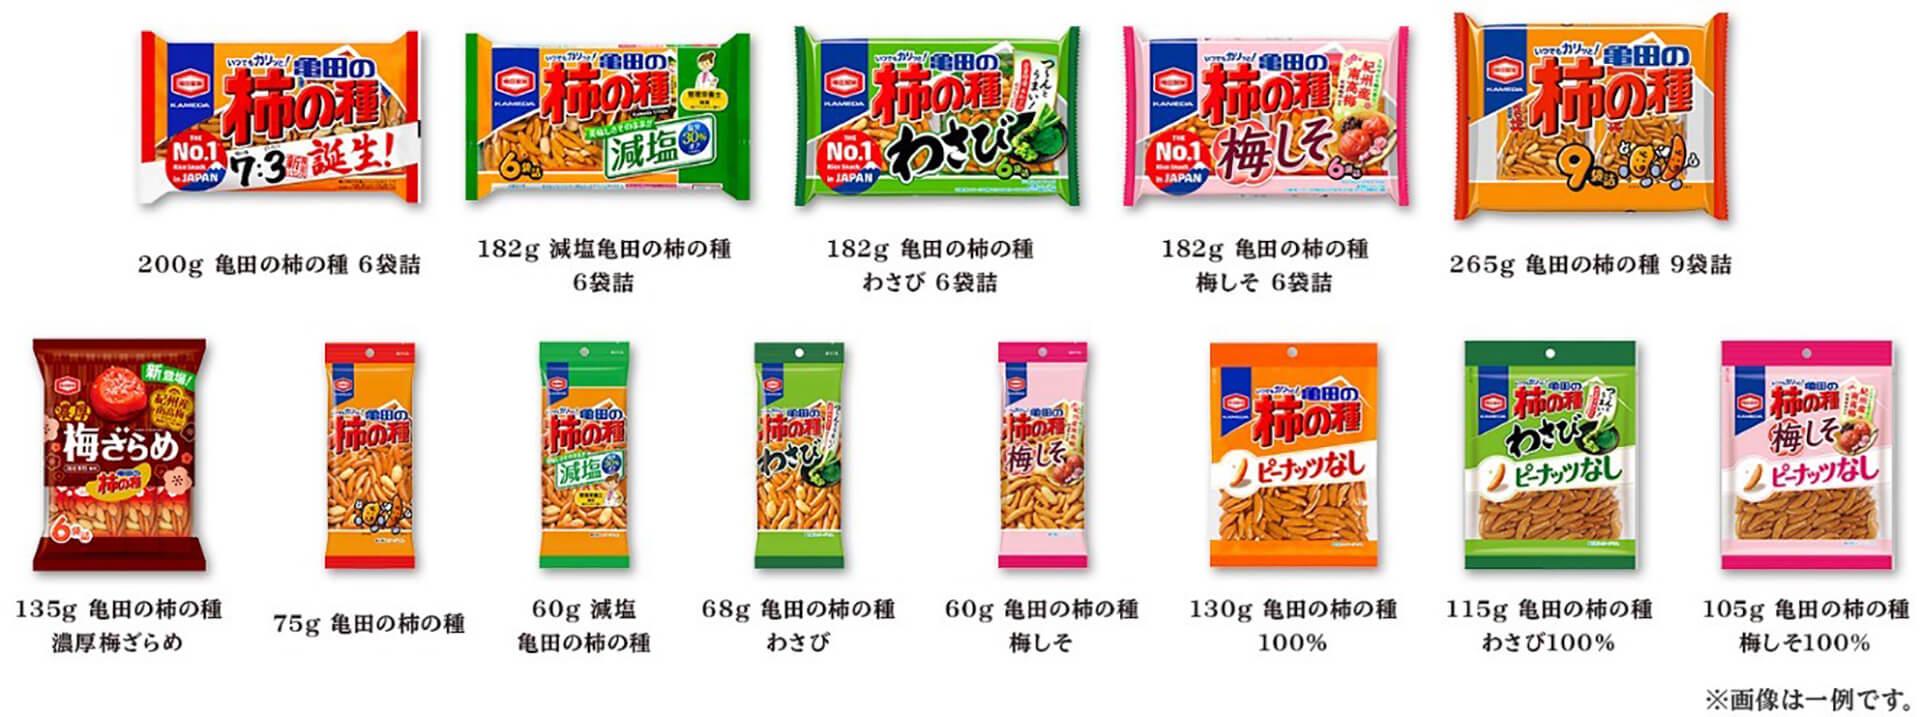 「亀田の柿の種の未来を考えよう。」 500名限定オンラインサミット